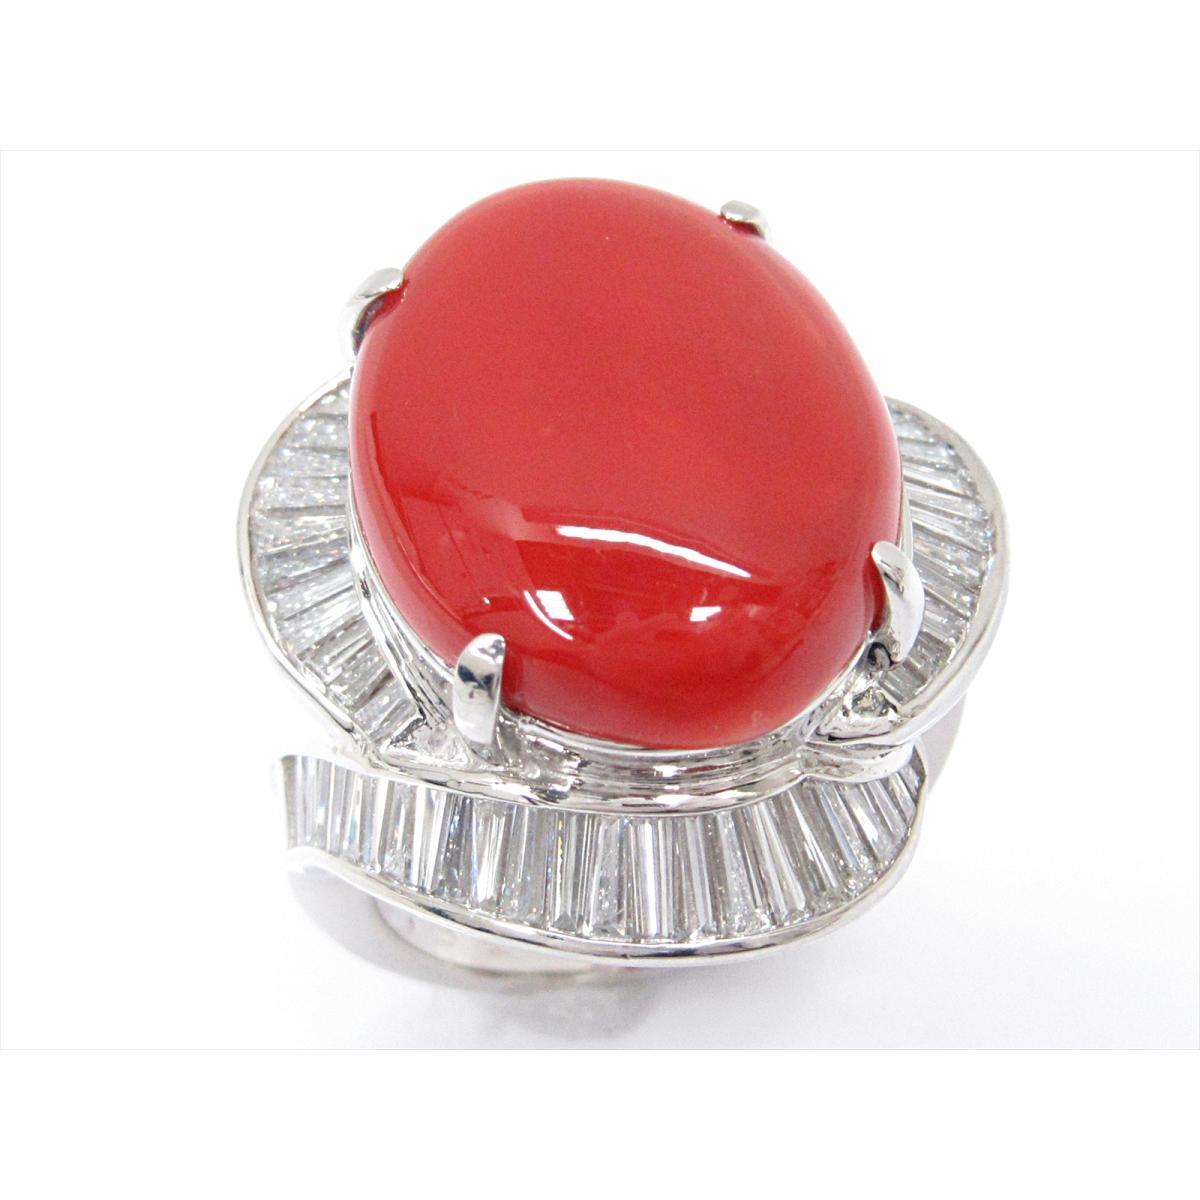 【中古】【送料無料】 ジュエリー サンゴリング 指輪 レディース PT900 プラチナ x サンゴ (11.13ct) x ダイヤモンド (1.81ct)   JEWELRY リング 美品 ブランドオフ BRANDOFF